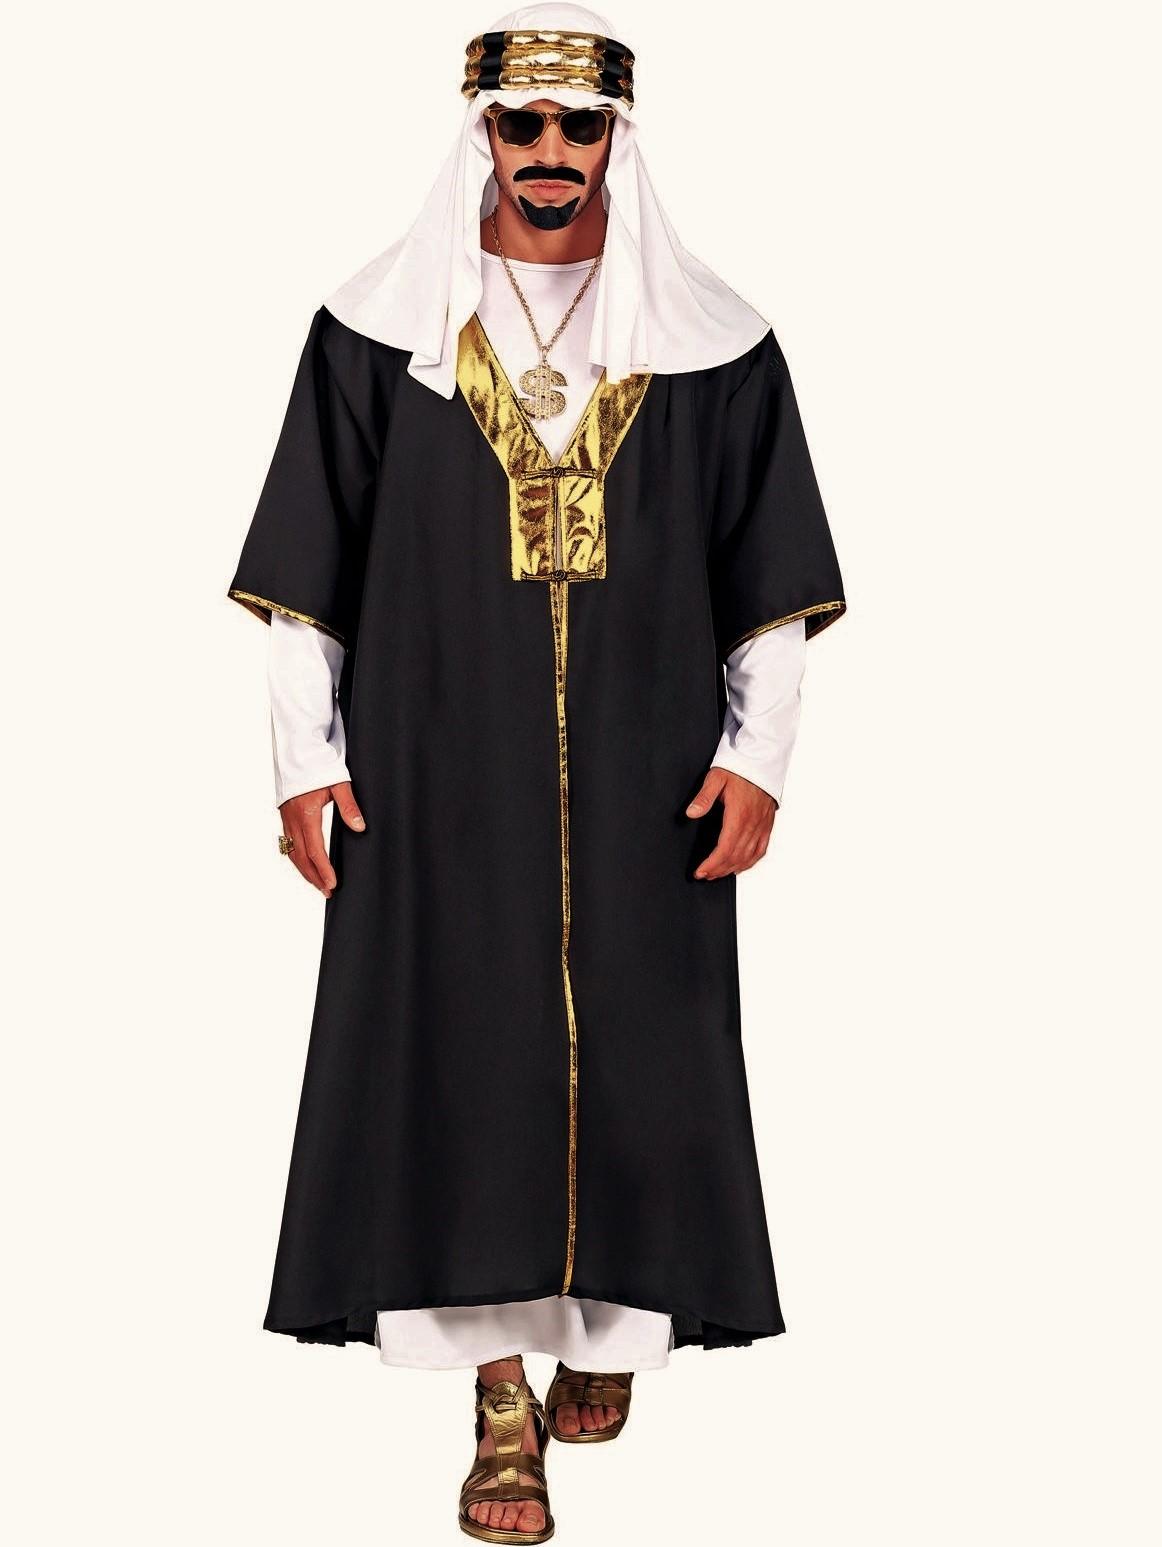 Kostüm Verkleidung Karneval Araber  Sultane und Scheiche Stoffhüte SULTAN HATS w